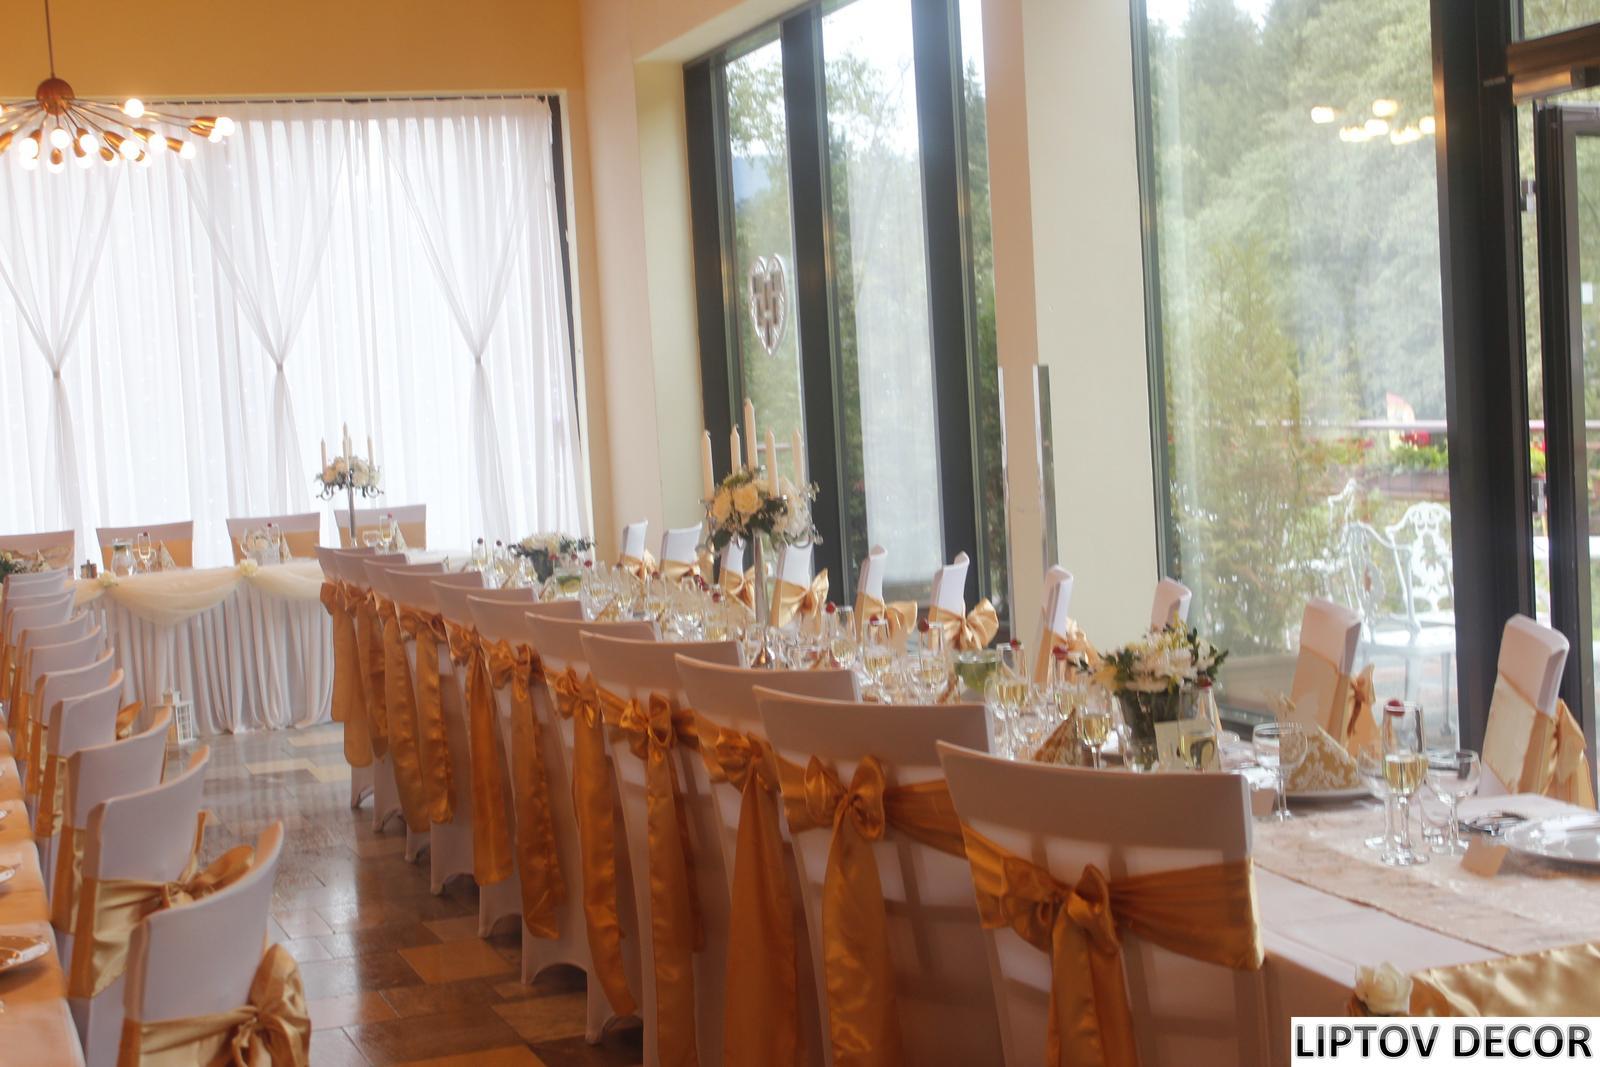 Svadobná výzdoba - HOTEL HRABOVO RUŽOMBEROK - Obrázok č. 6